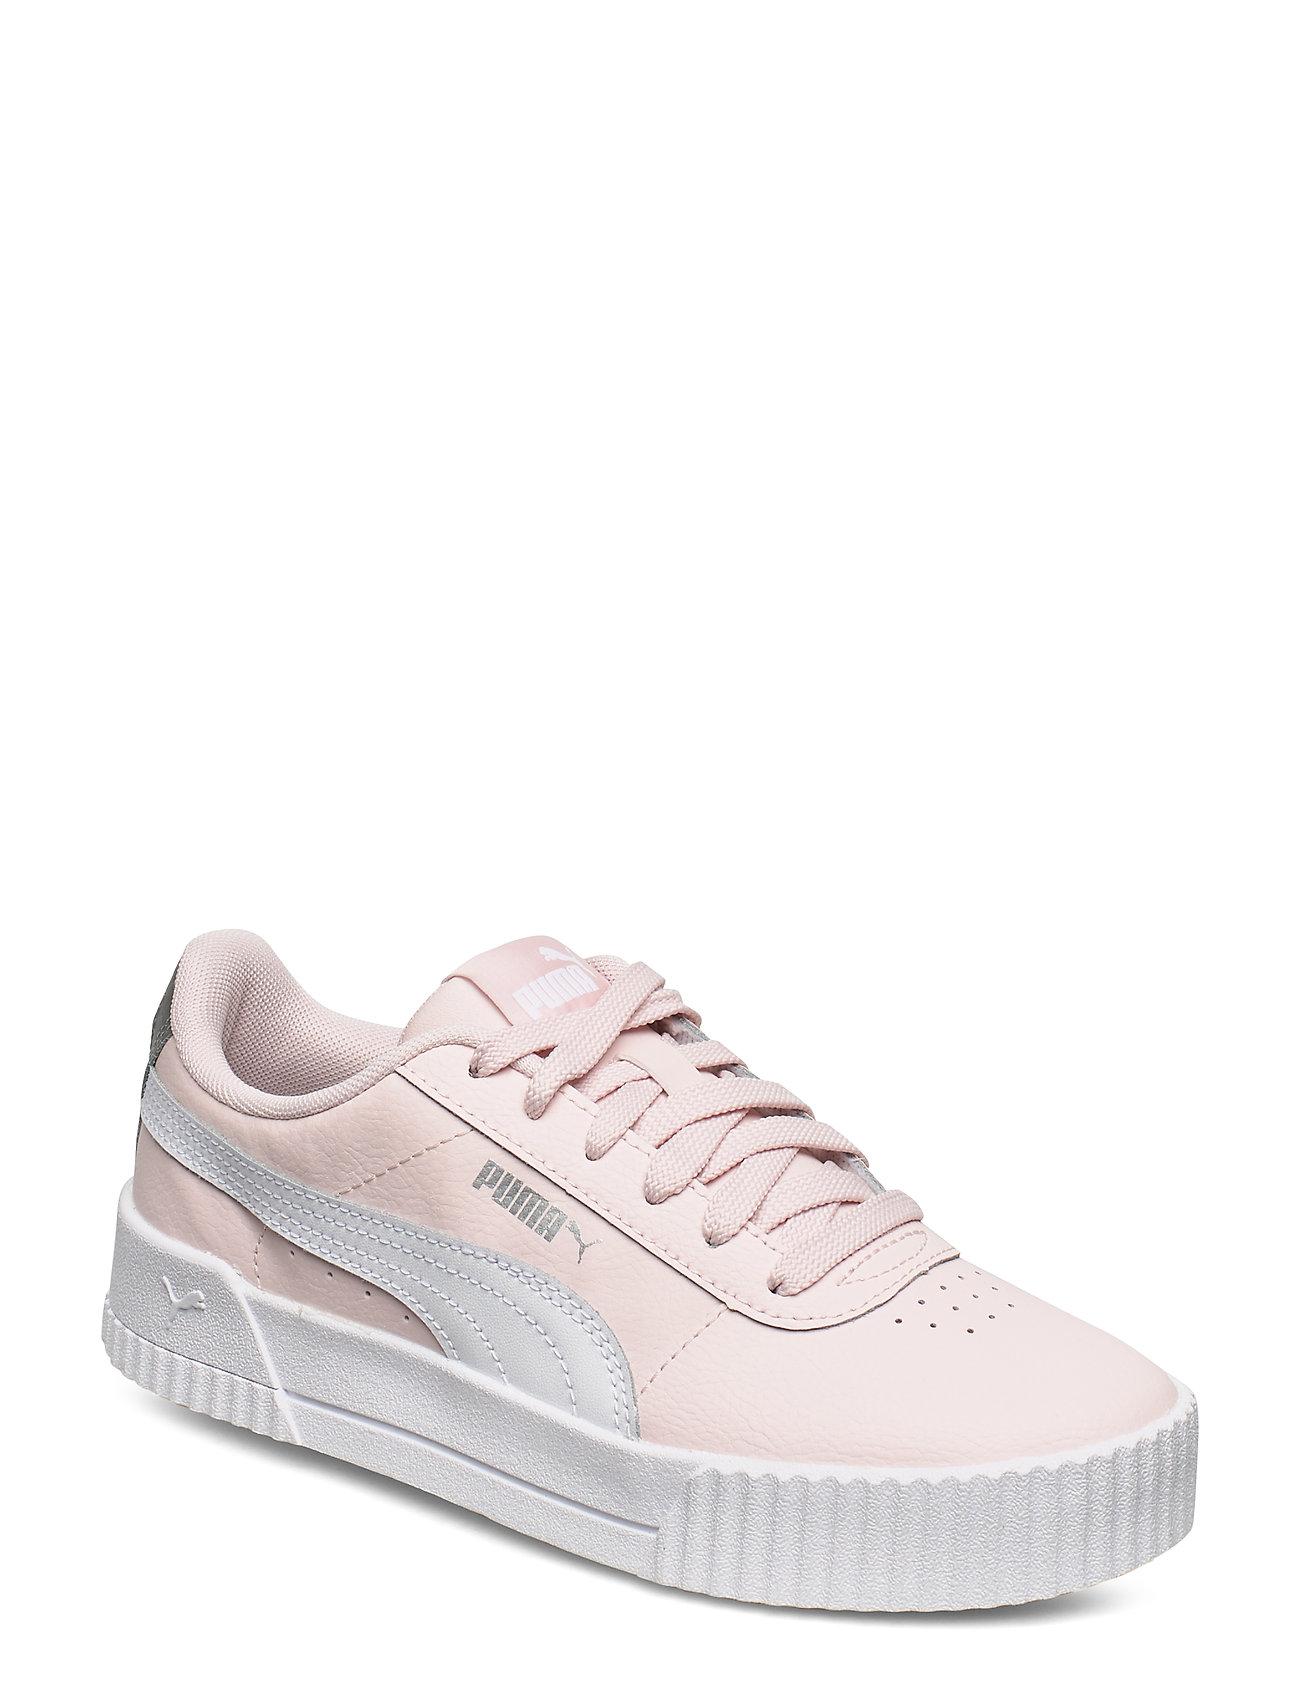 Puma Carina Sneakers L Rosewater